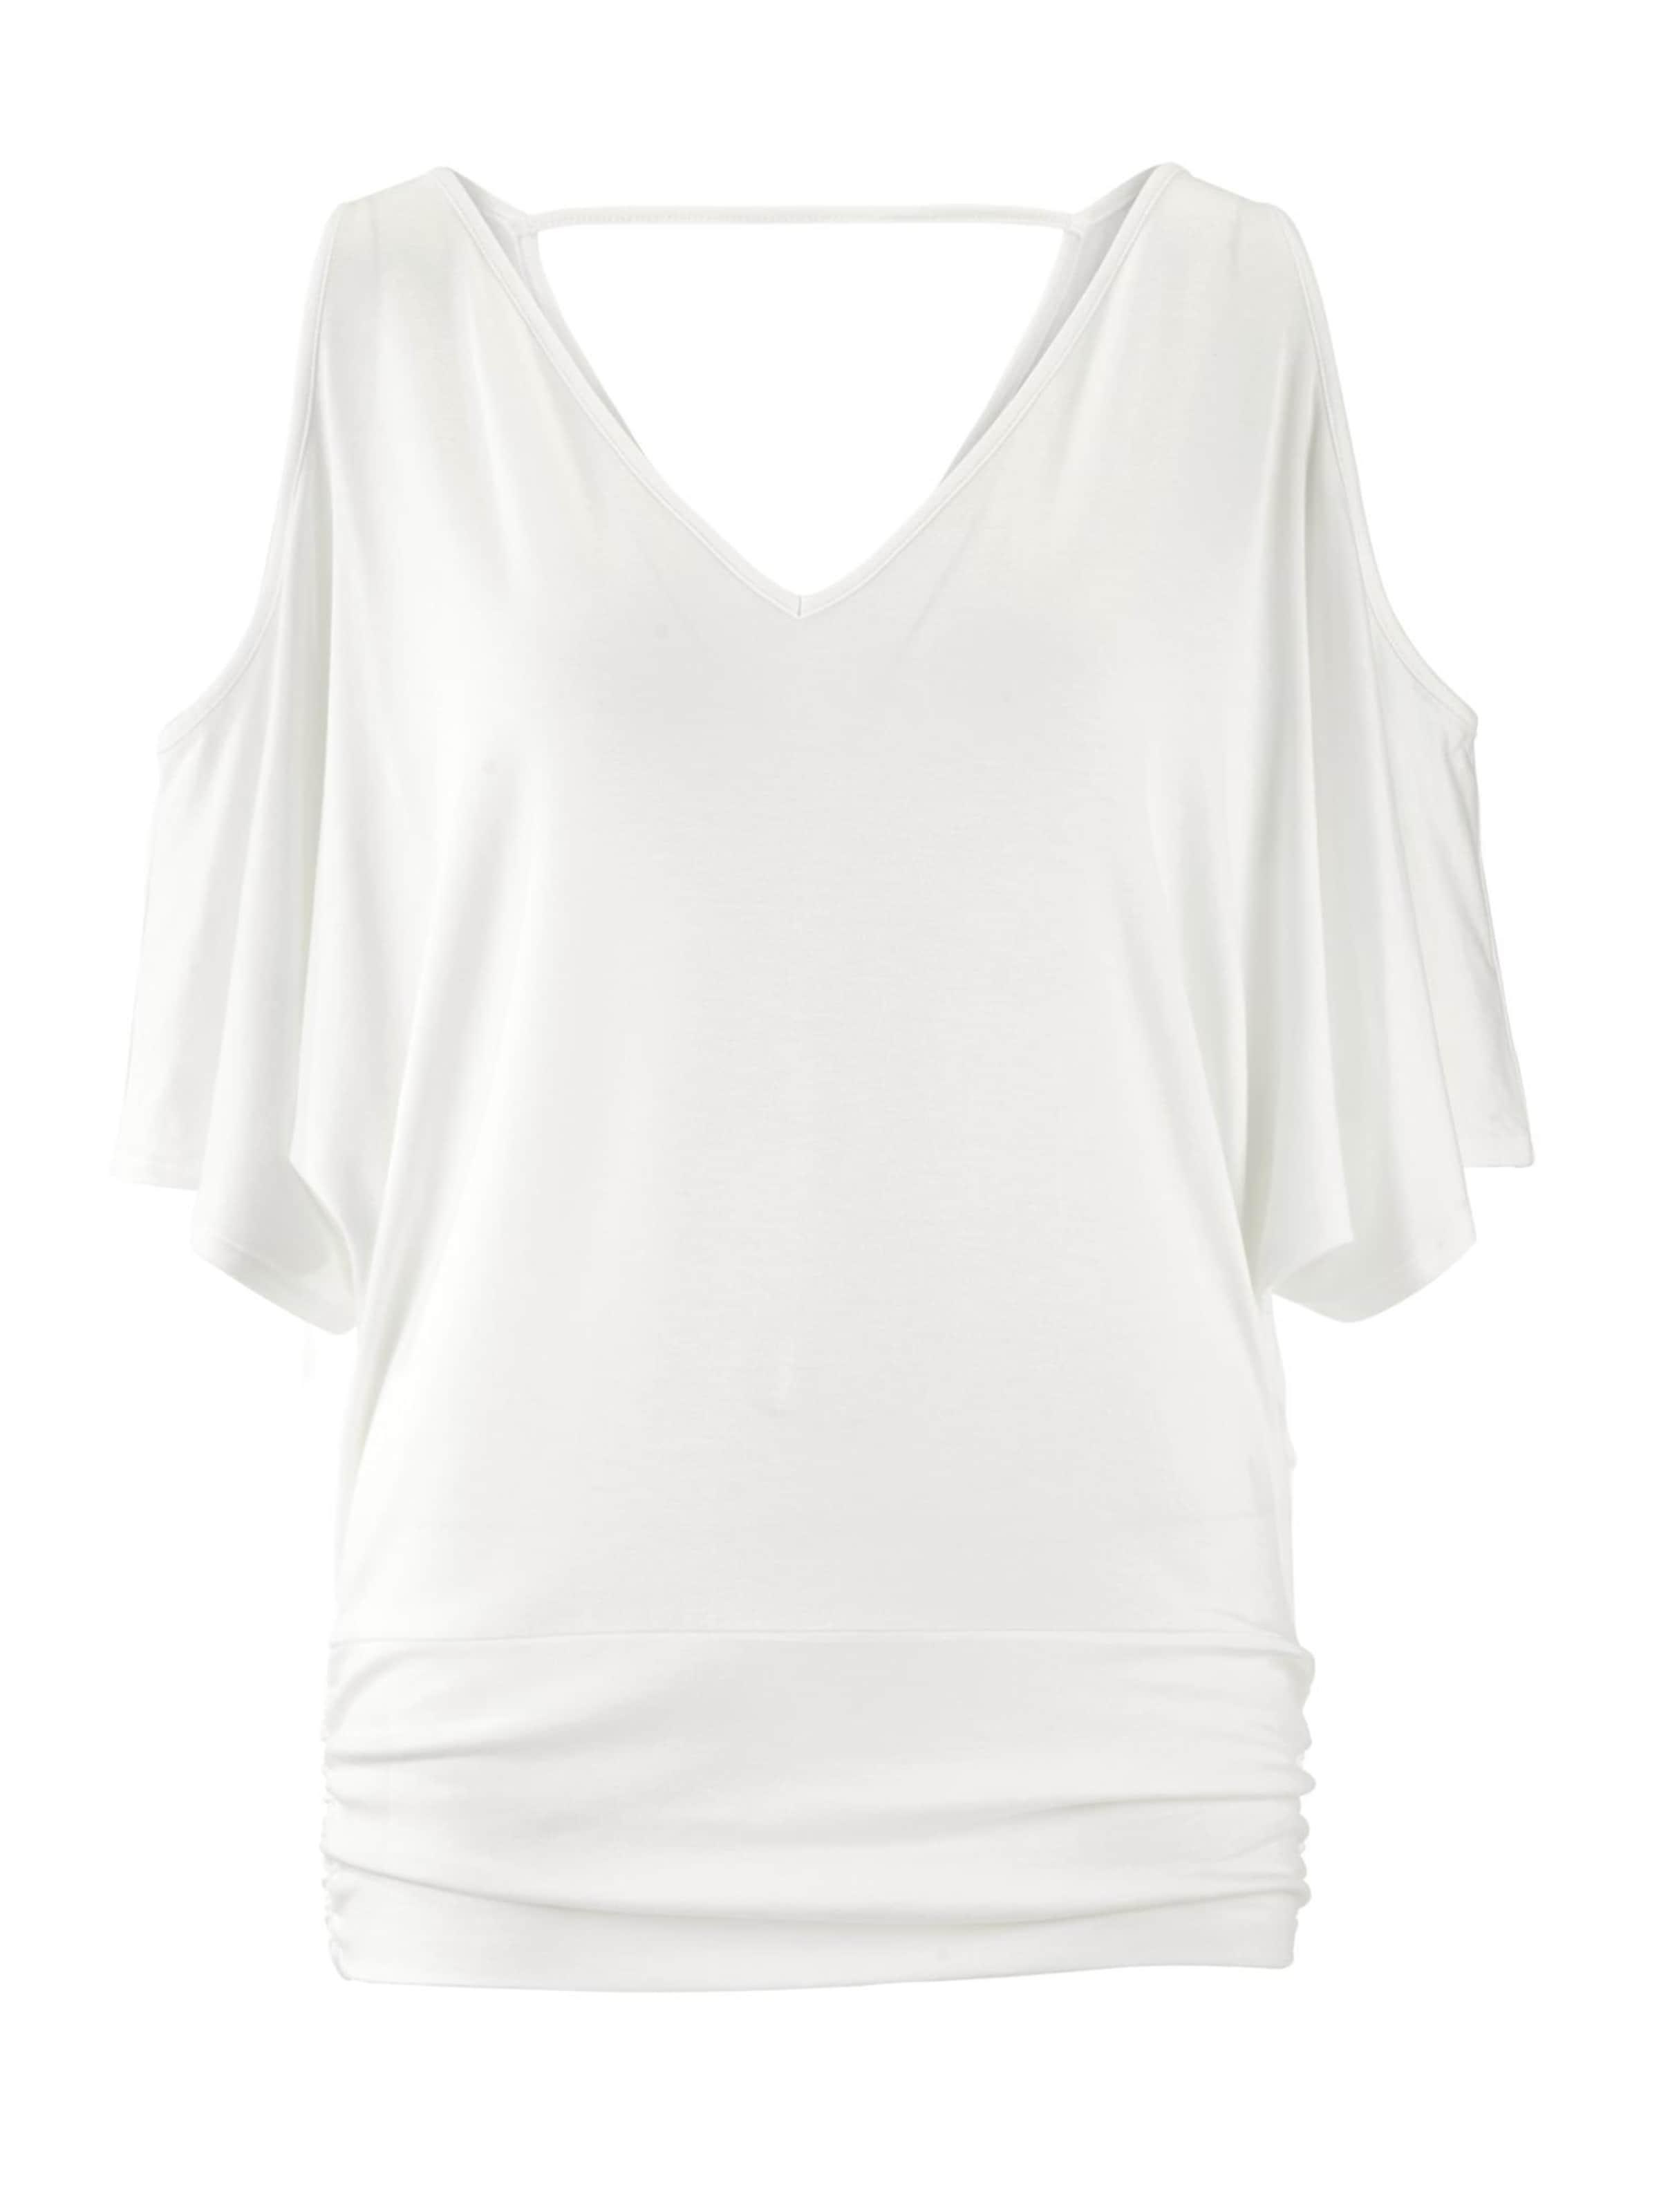 shirt T T In Heine Offwhite In shirt T Offwhite Heine Heine VpSUGzMq